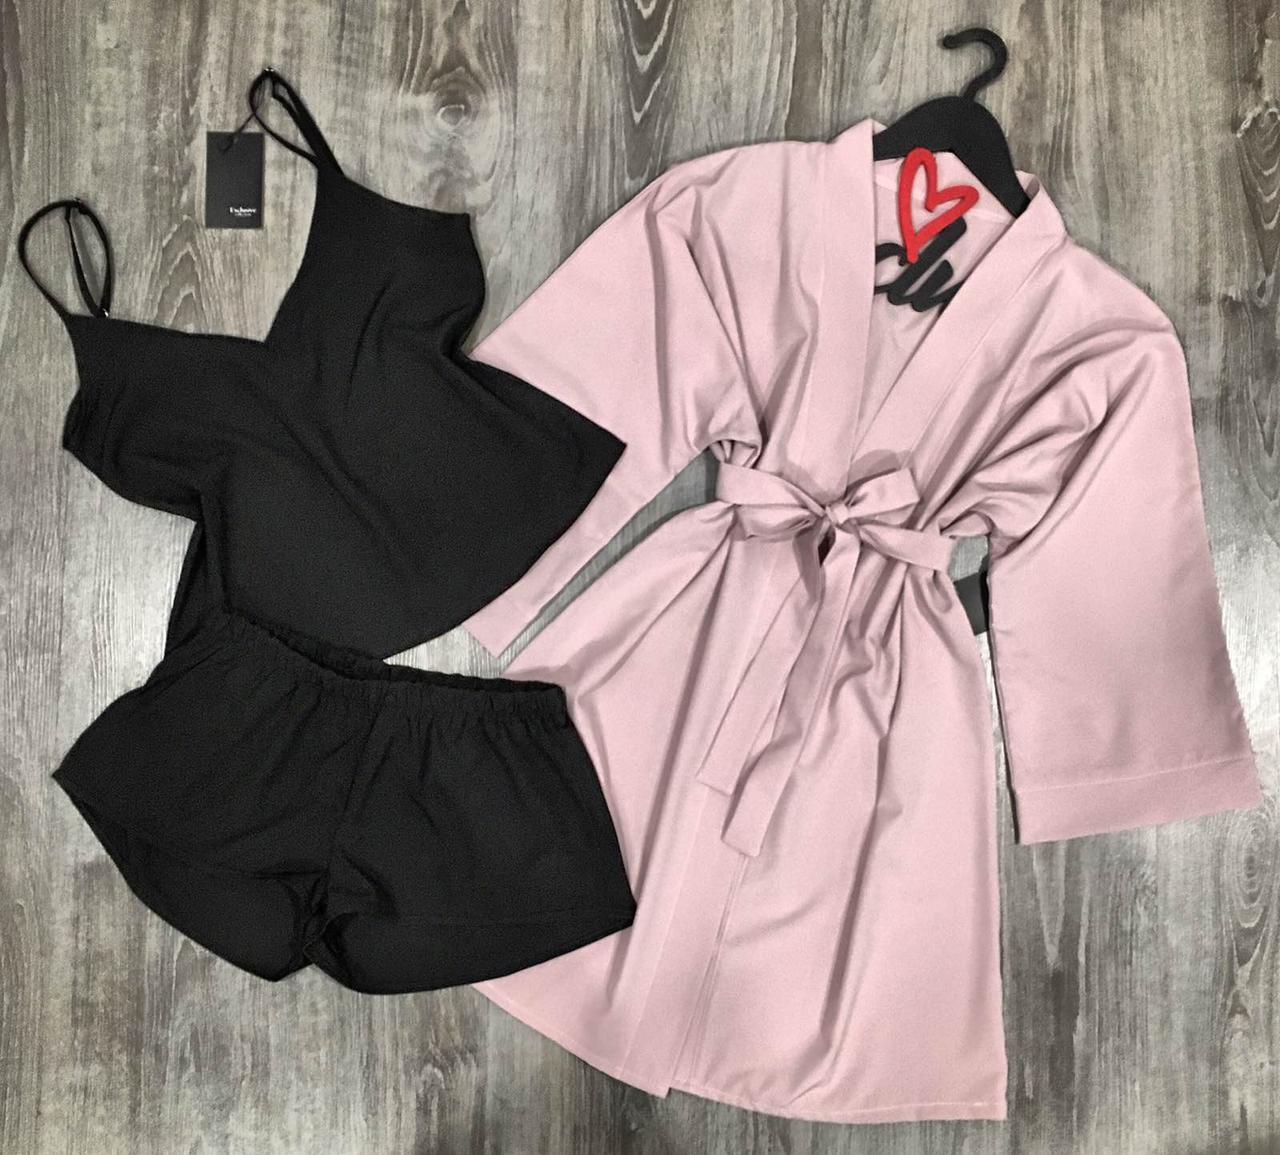 Халат+майка+шорты-комплект домашней одежды.